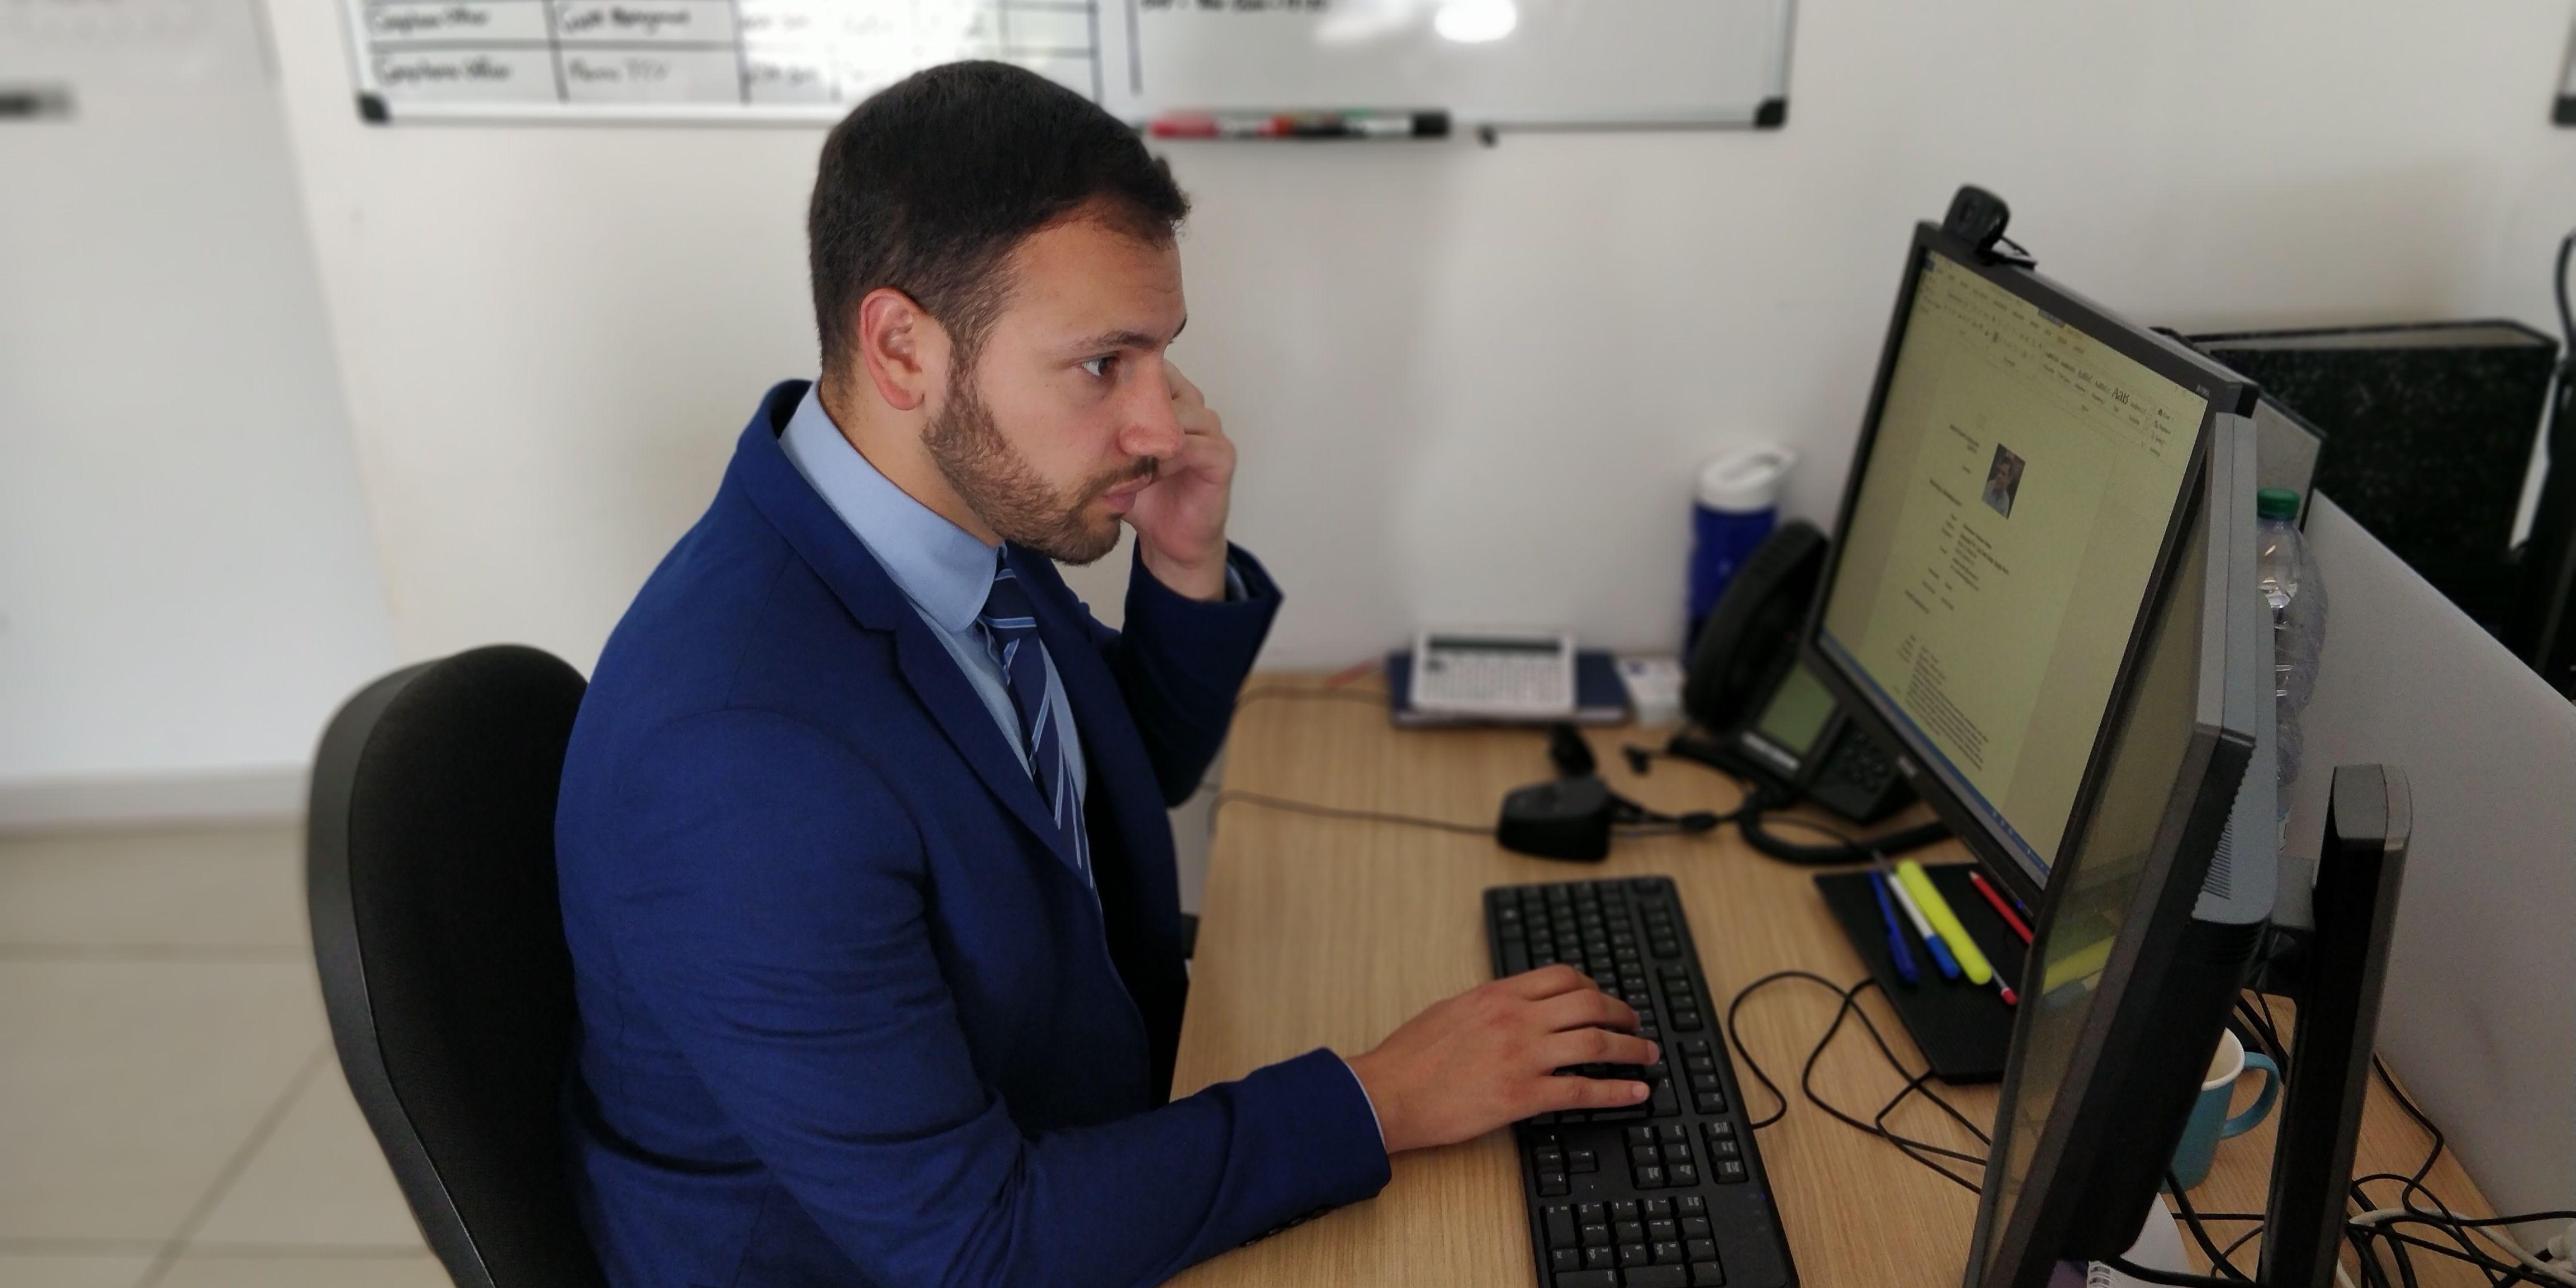 Malta office - male consultant at desk